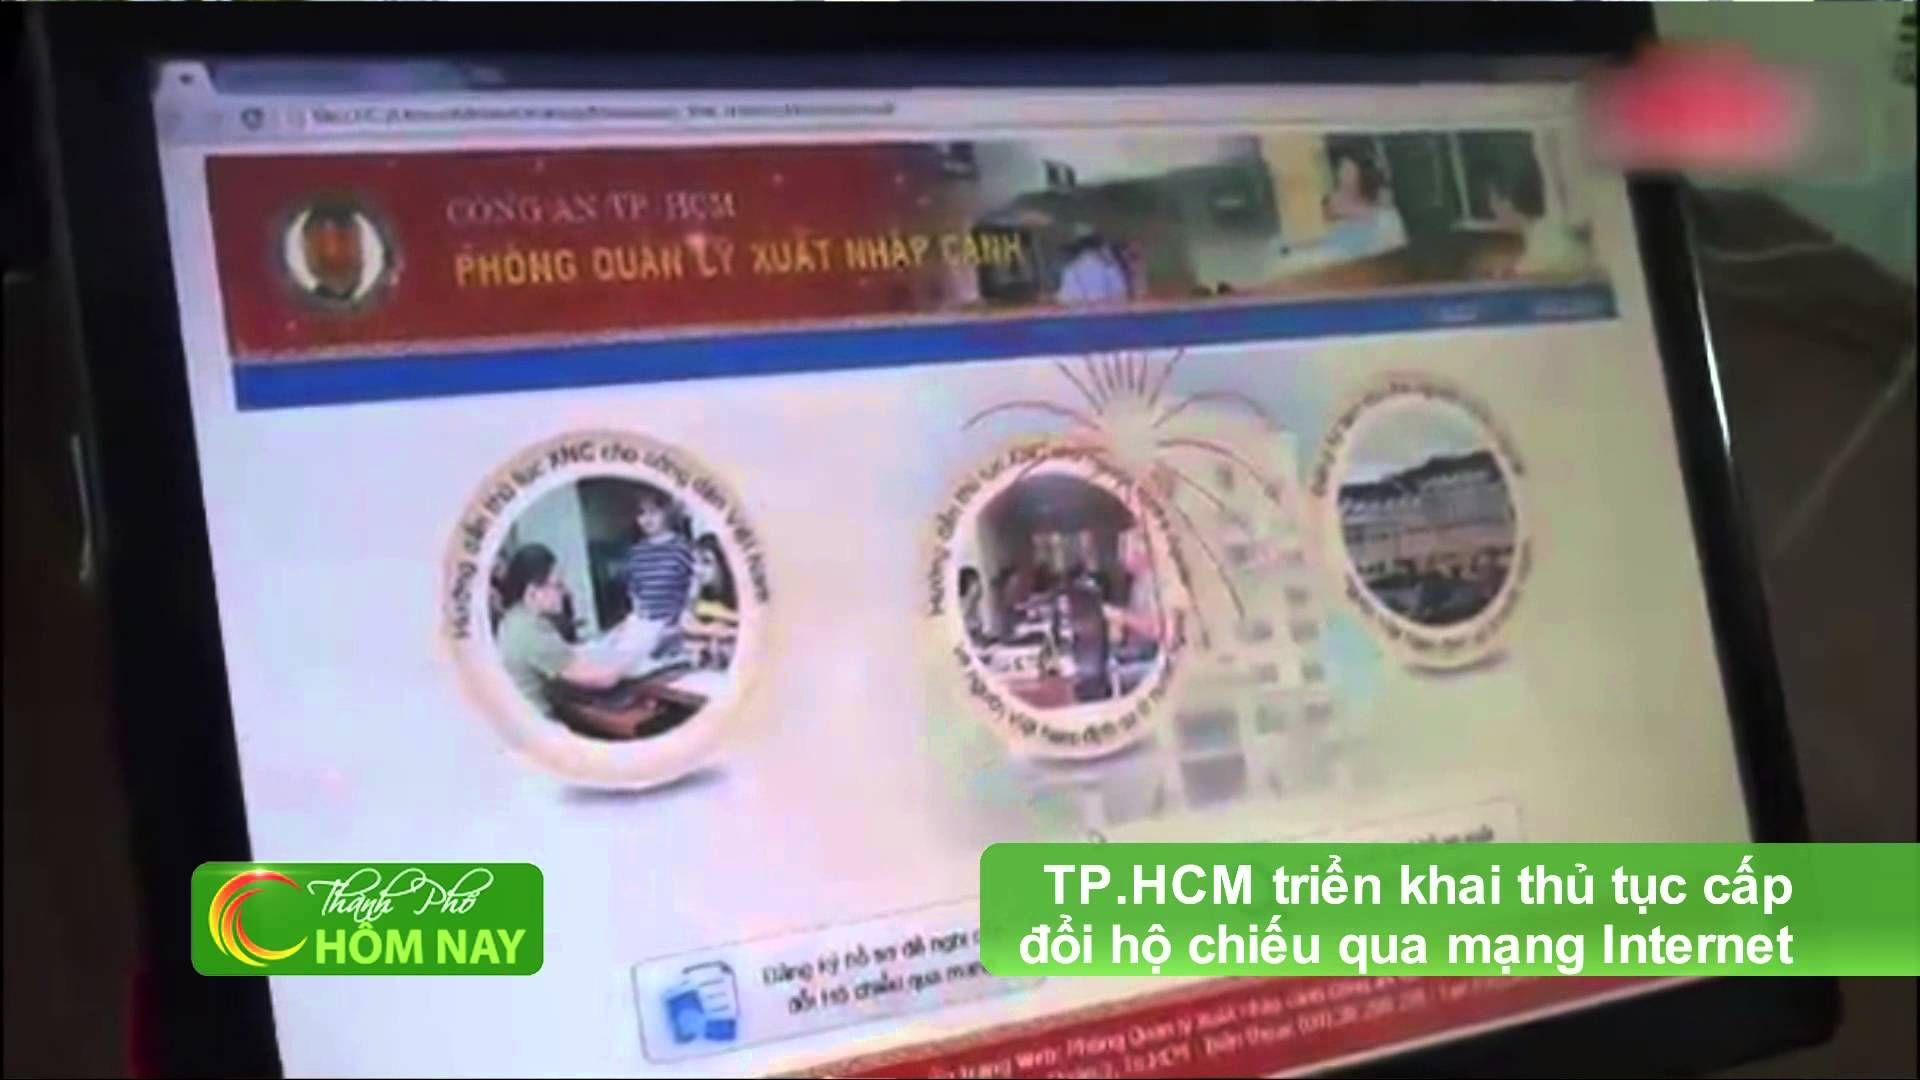 TP.HCM triển khai thủ tục cấp đổi hộ chiếu qua mạng